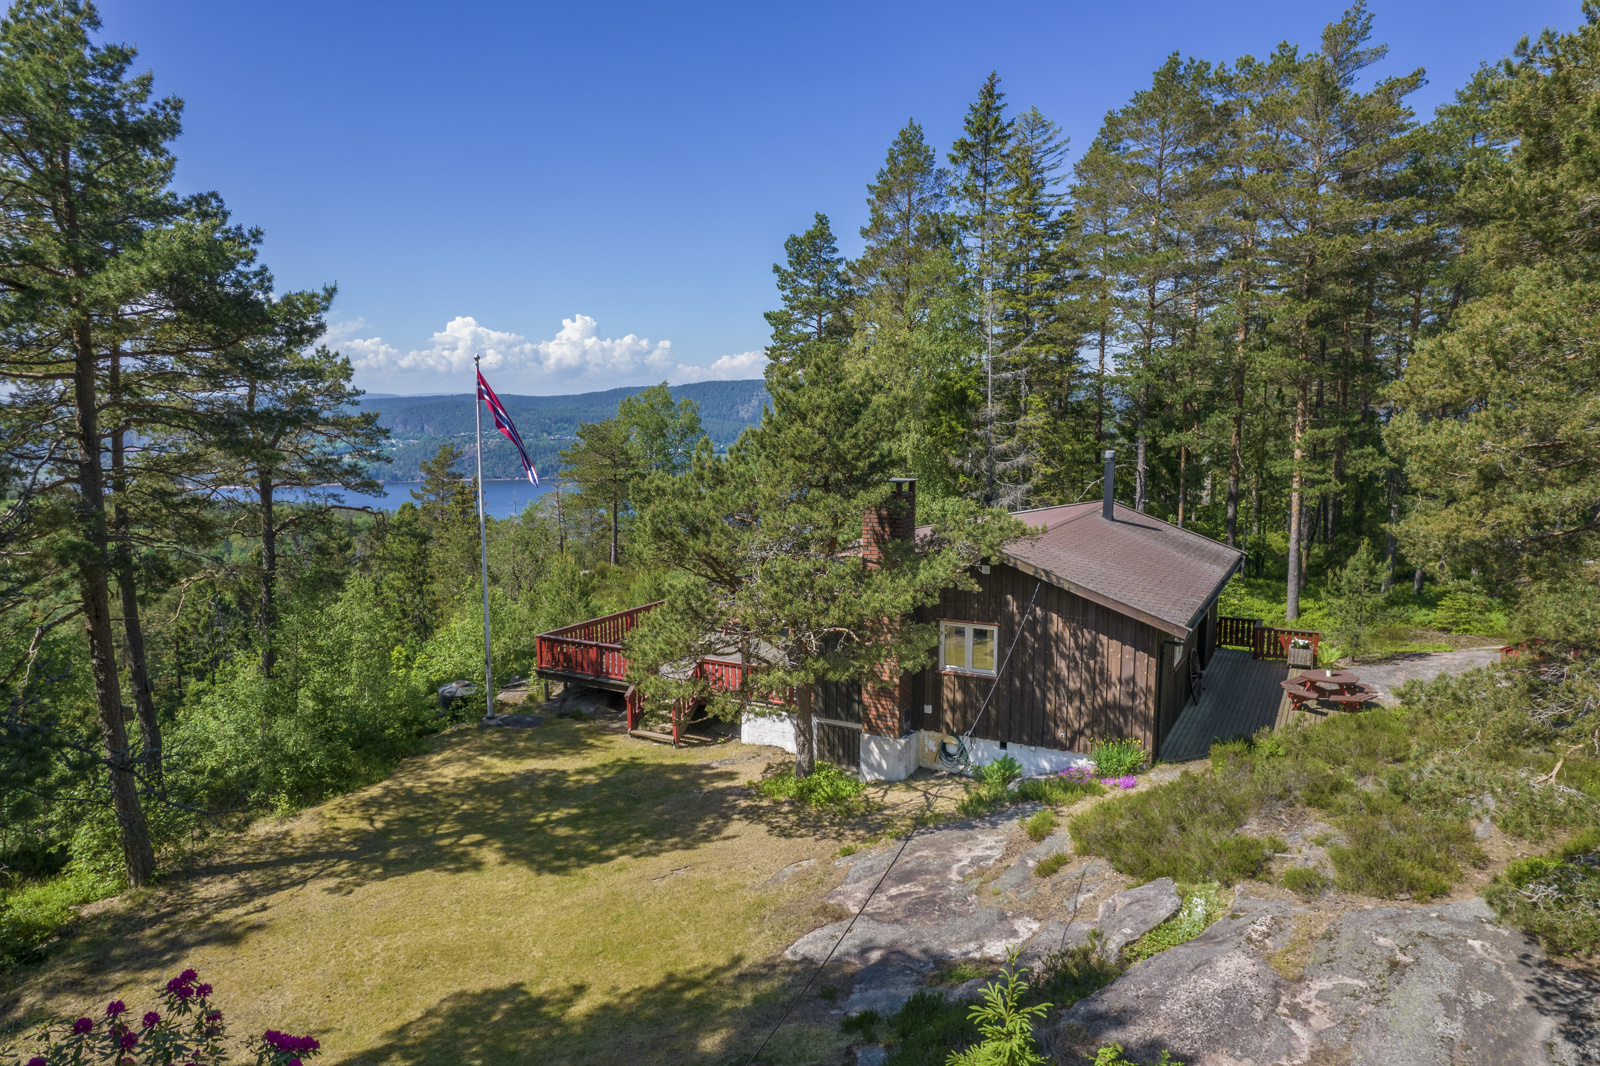 Hytta ligger flott til på eiendommen med stor terrasse - Perfekt for late dager i solen